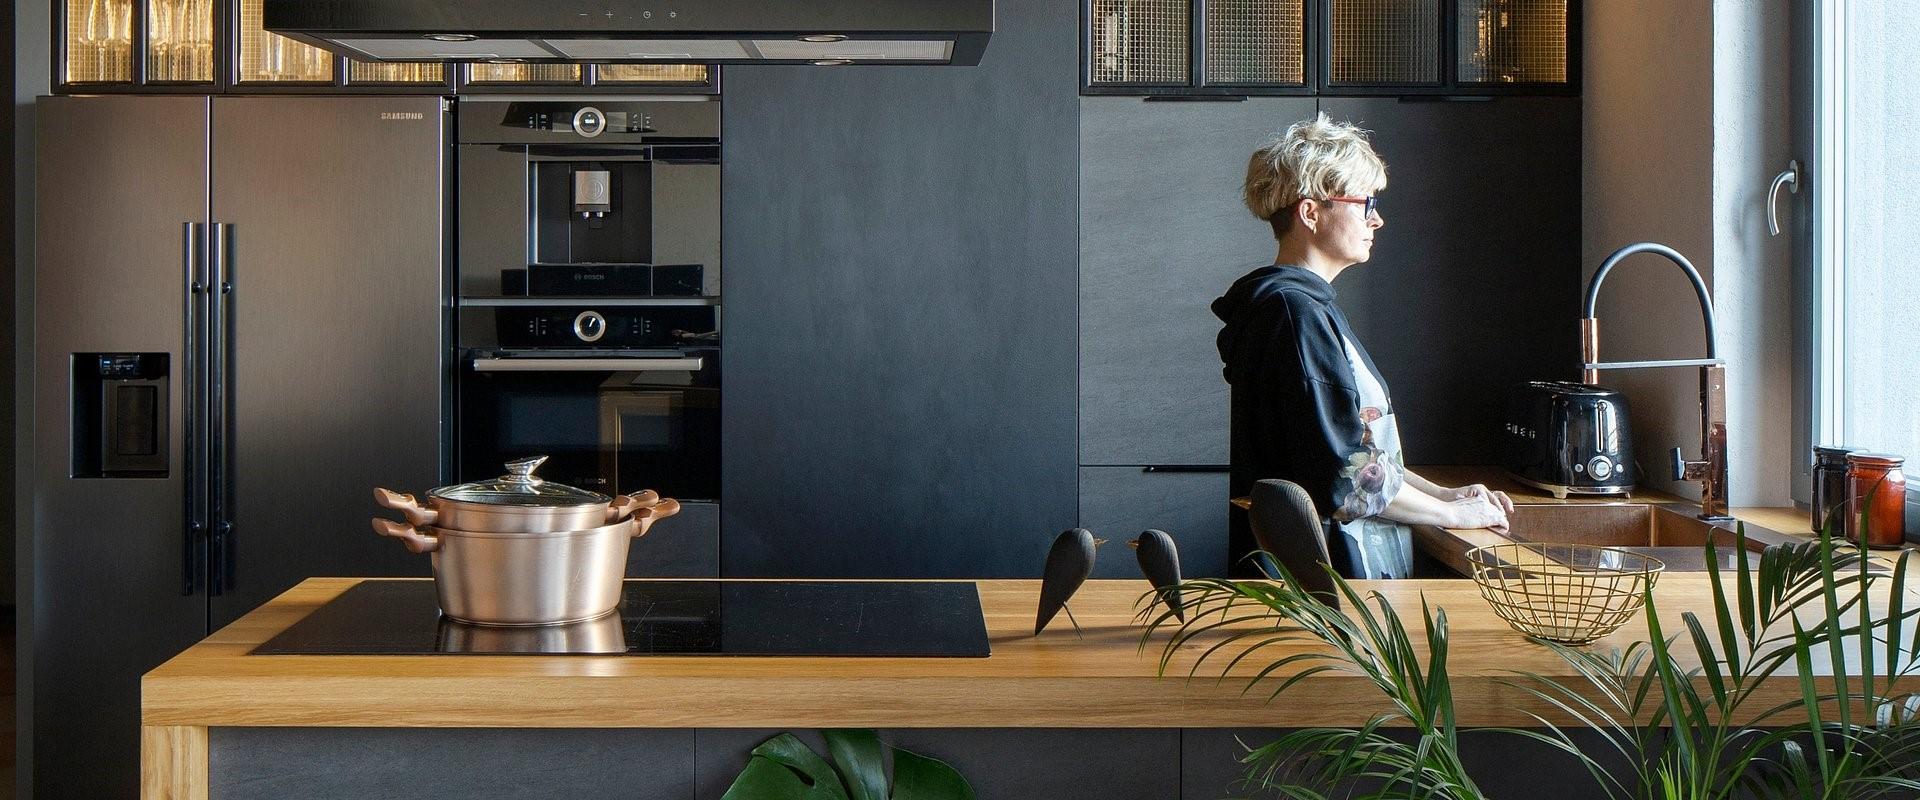 industrialna kuchnia